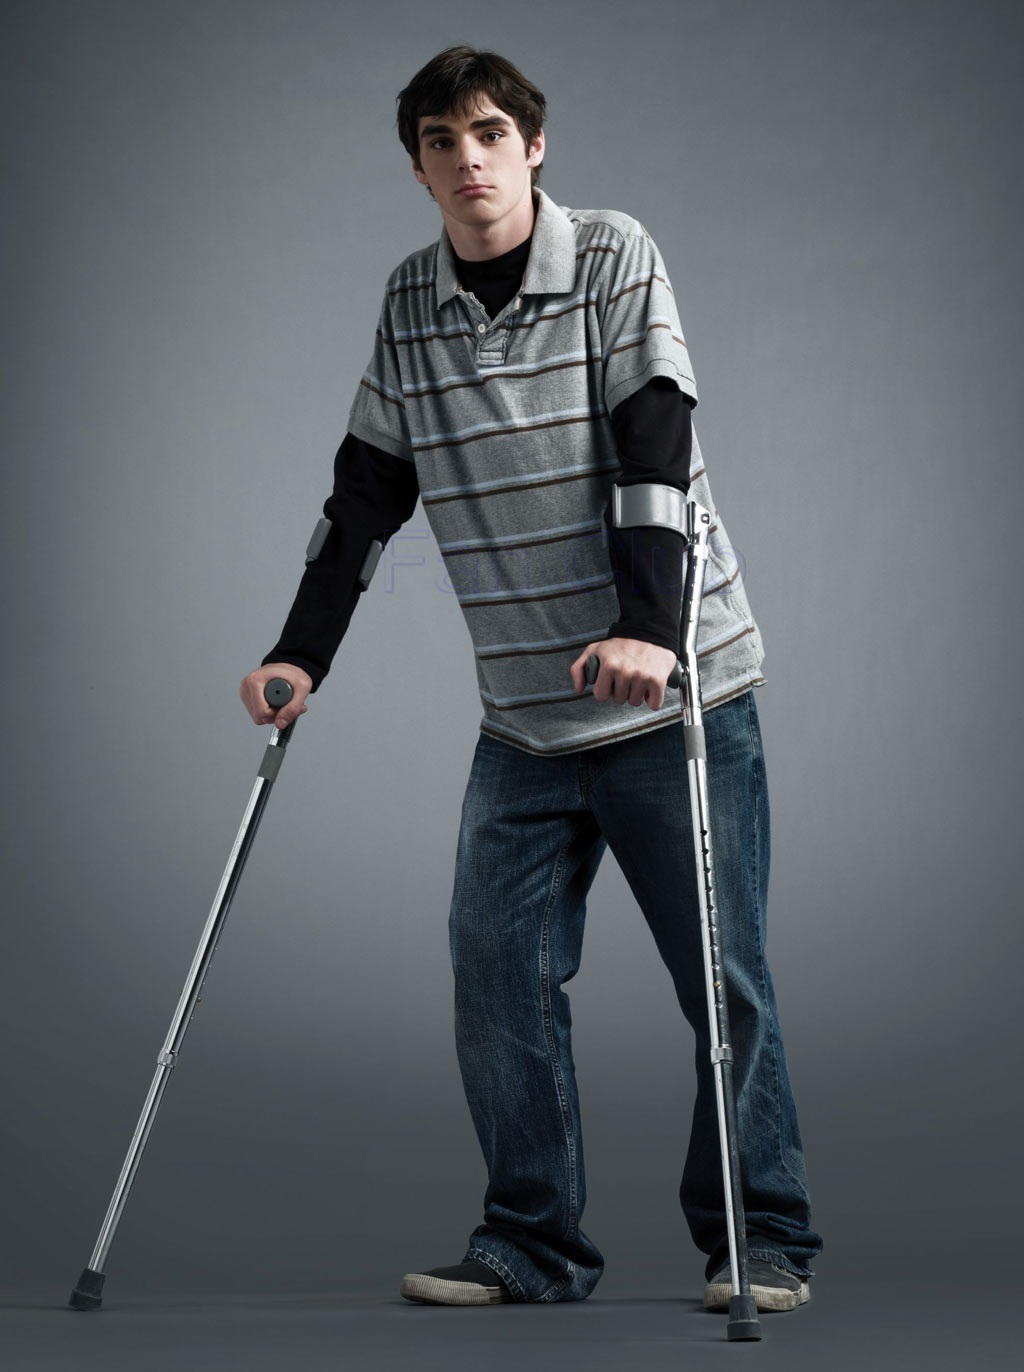 RJ Mitte de Breaking Bad nos platica cómo es su vida con ...